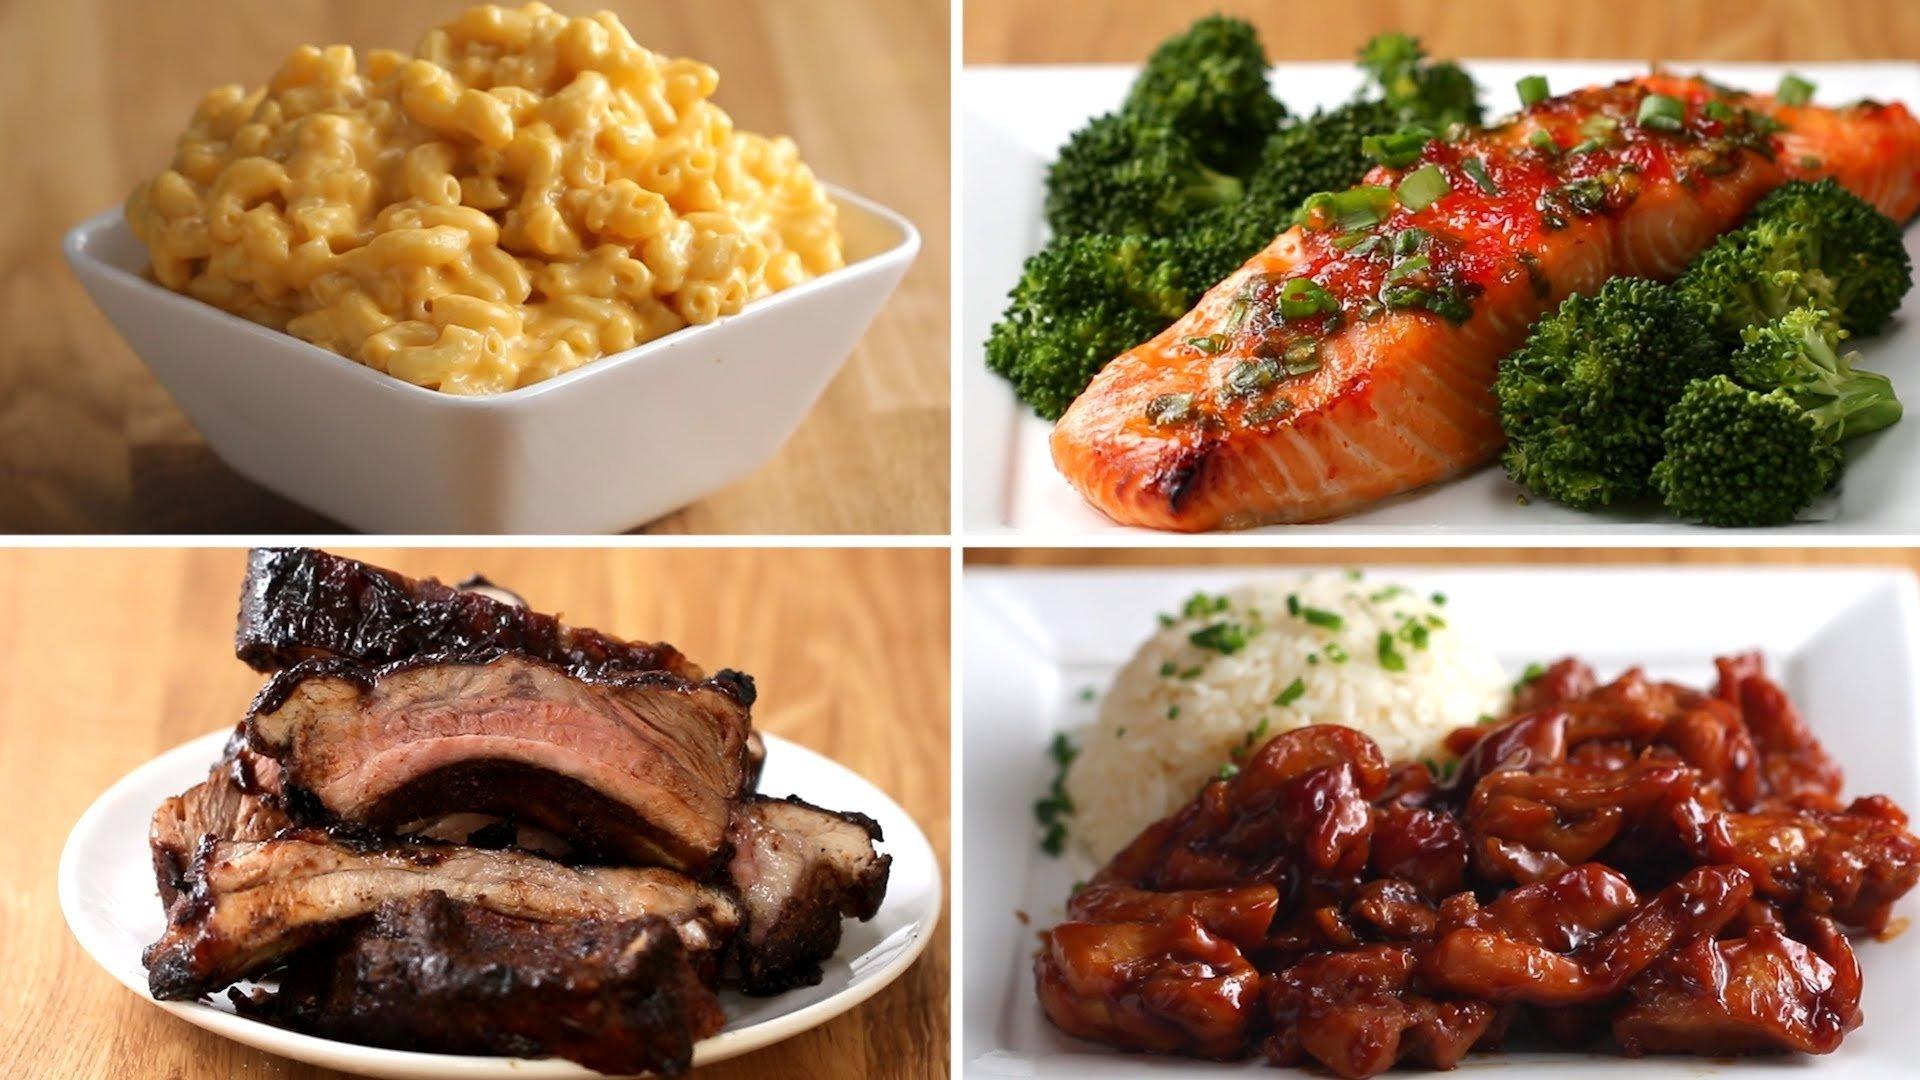 10 Trendy Cheap Dinner Ideas For 4 dinner ideas for picky 4 year olds cheap dinner ideas for 4 uk 2020